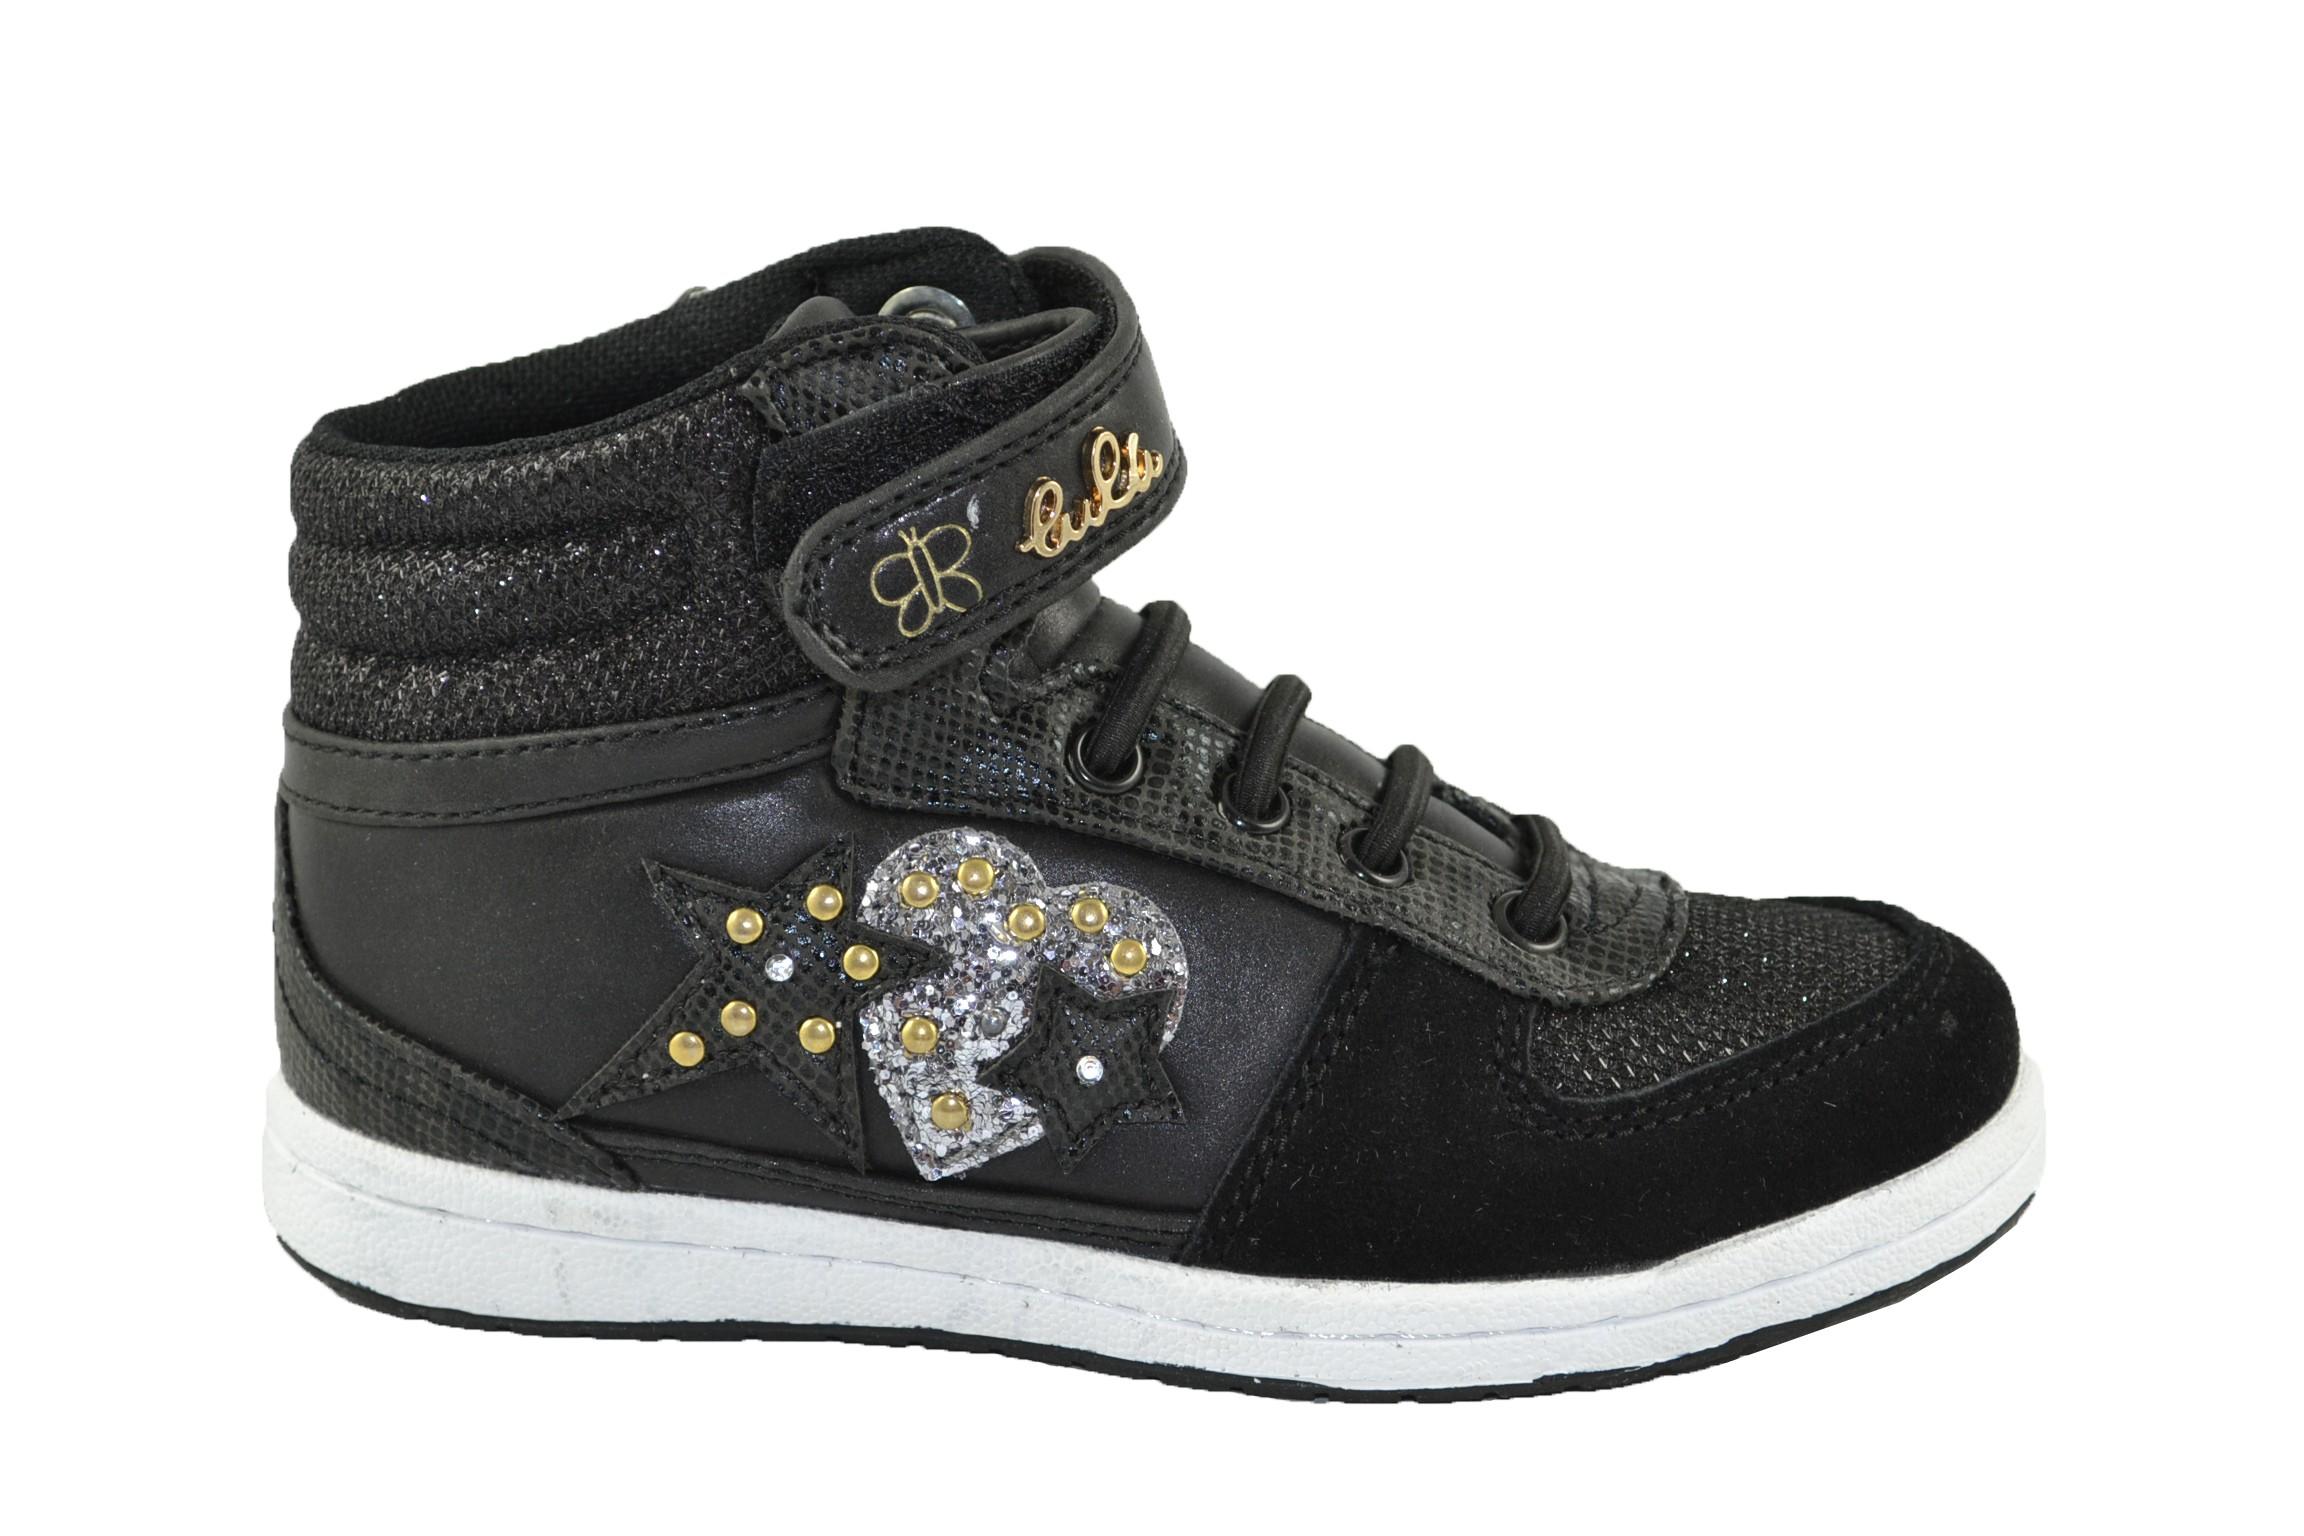 d328722a0 Lulu Zapatos - Comprar Zapatos Lulu para Niña